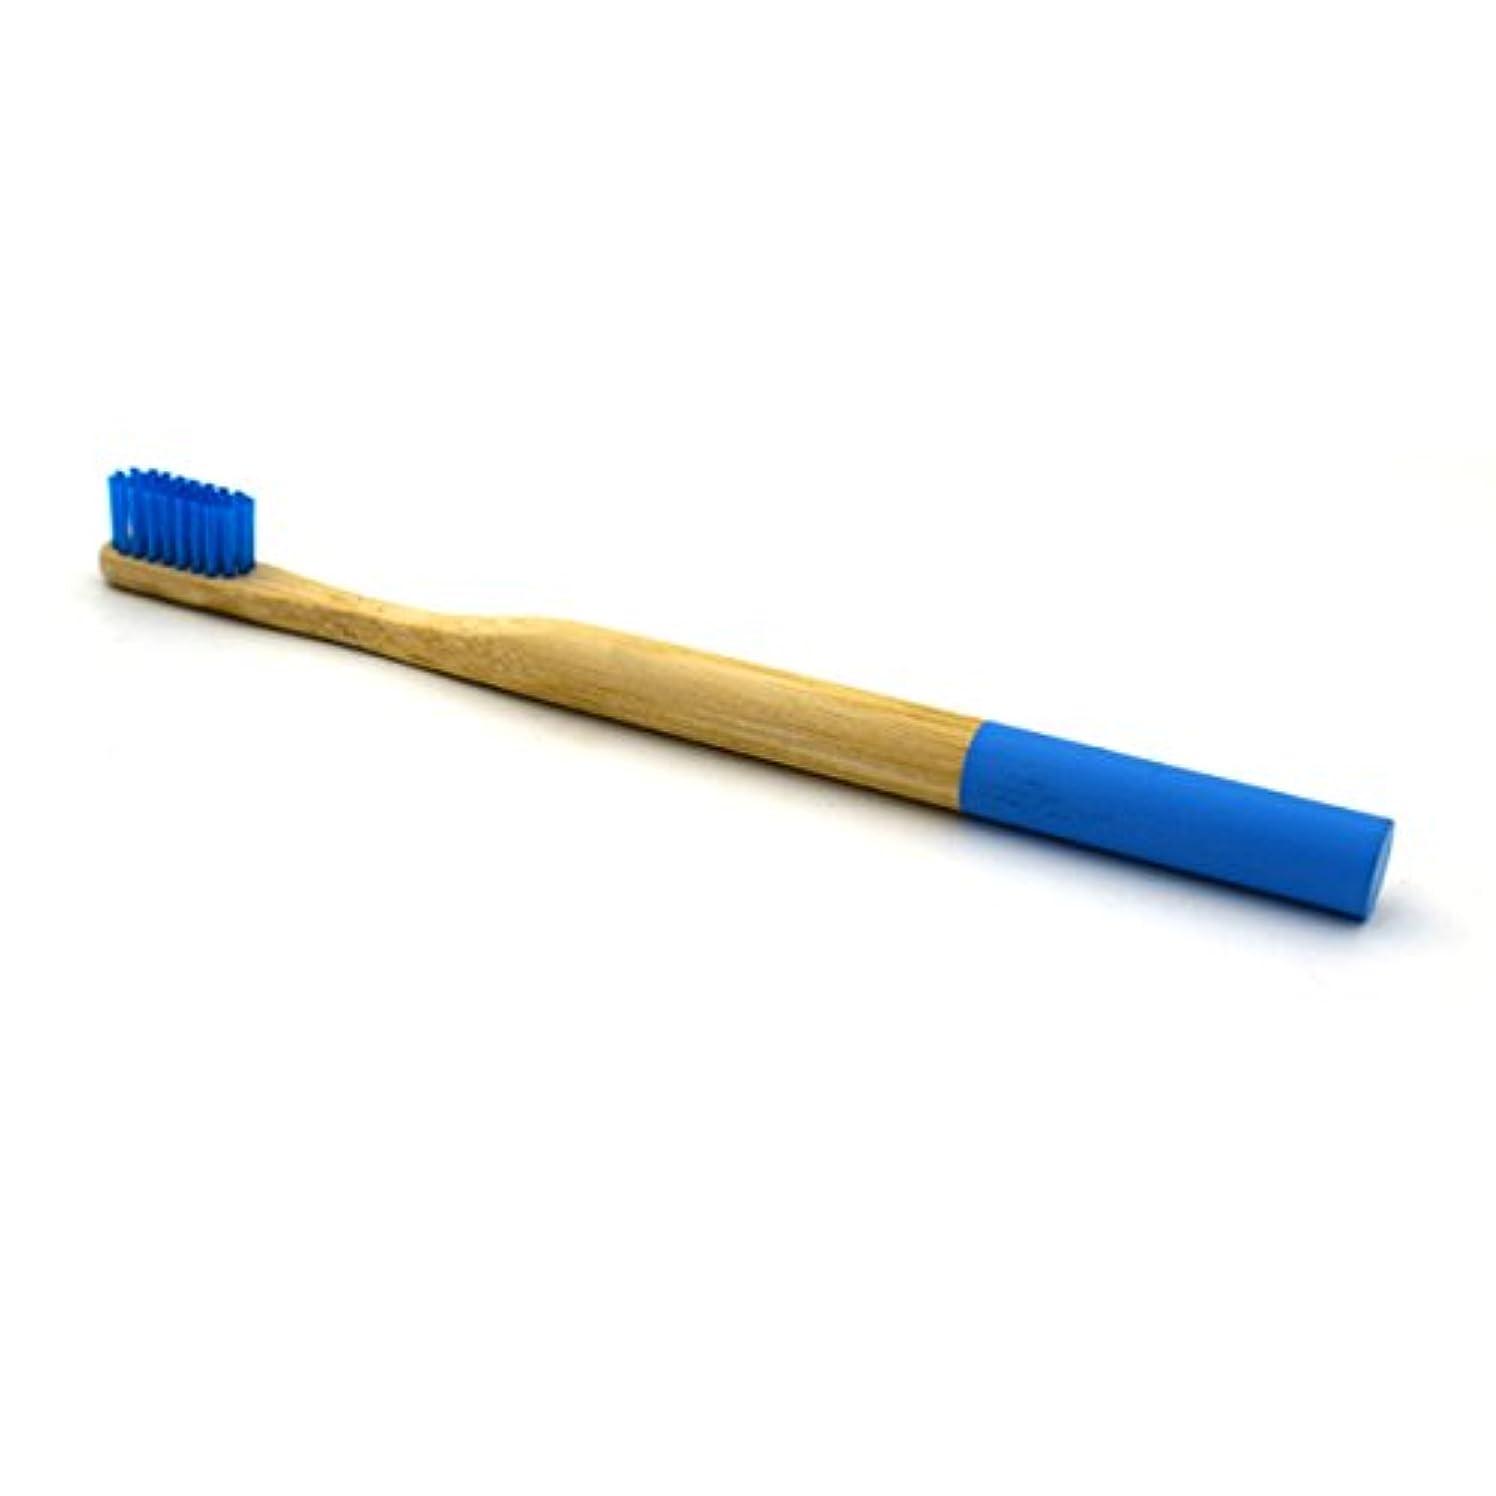 マリナー口述するメタンHEALLILY 円形のハンドルのEcoの友好的で柔らかい剛毛の歯ブラシが付いている2 PCS自然なタケ歯ブラシ